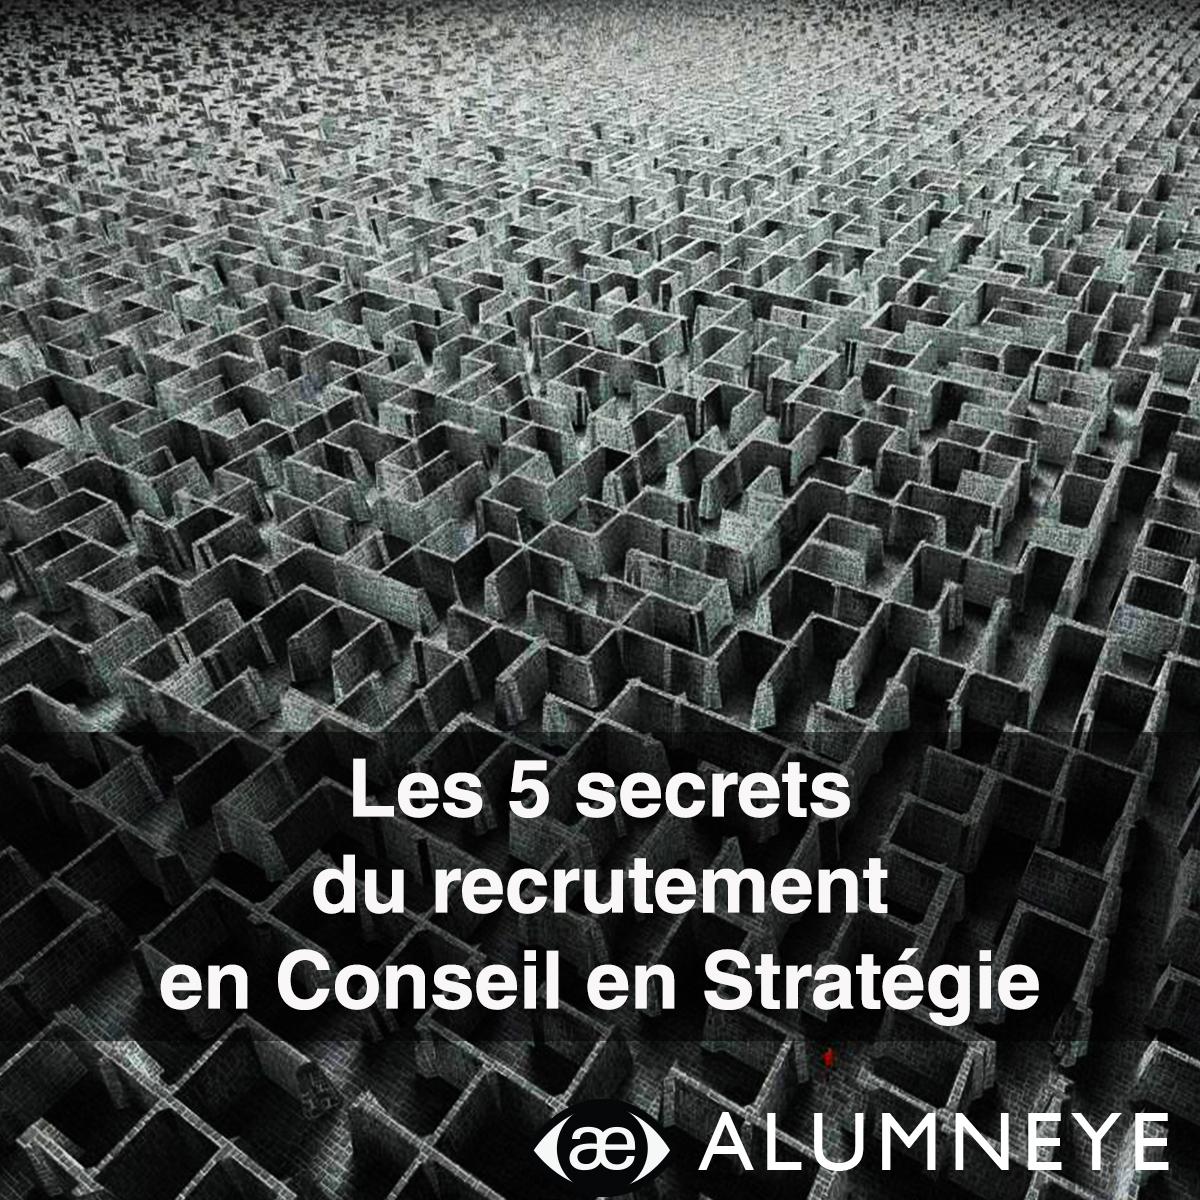 les 5 secrets du recrutement en conseil en strat u00e9gie